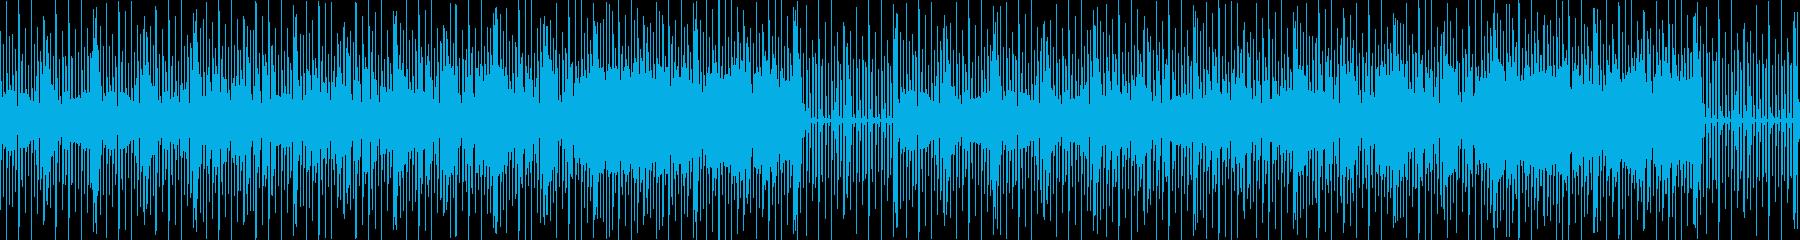 グルーヴィーなベースとディスコなビート曲の再生済みの波形